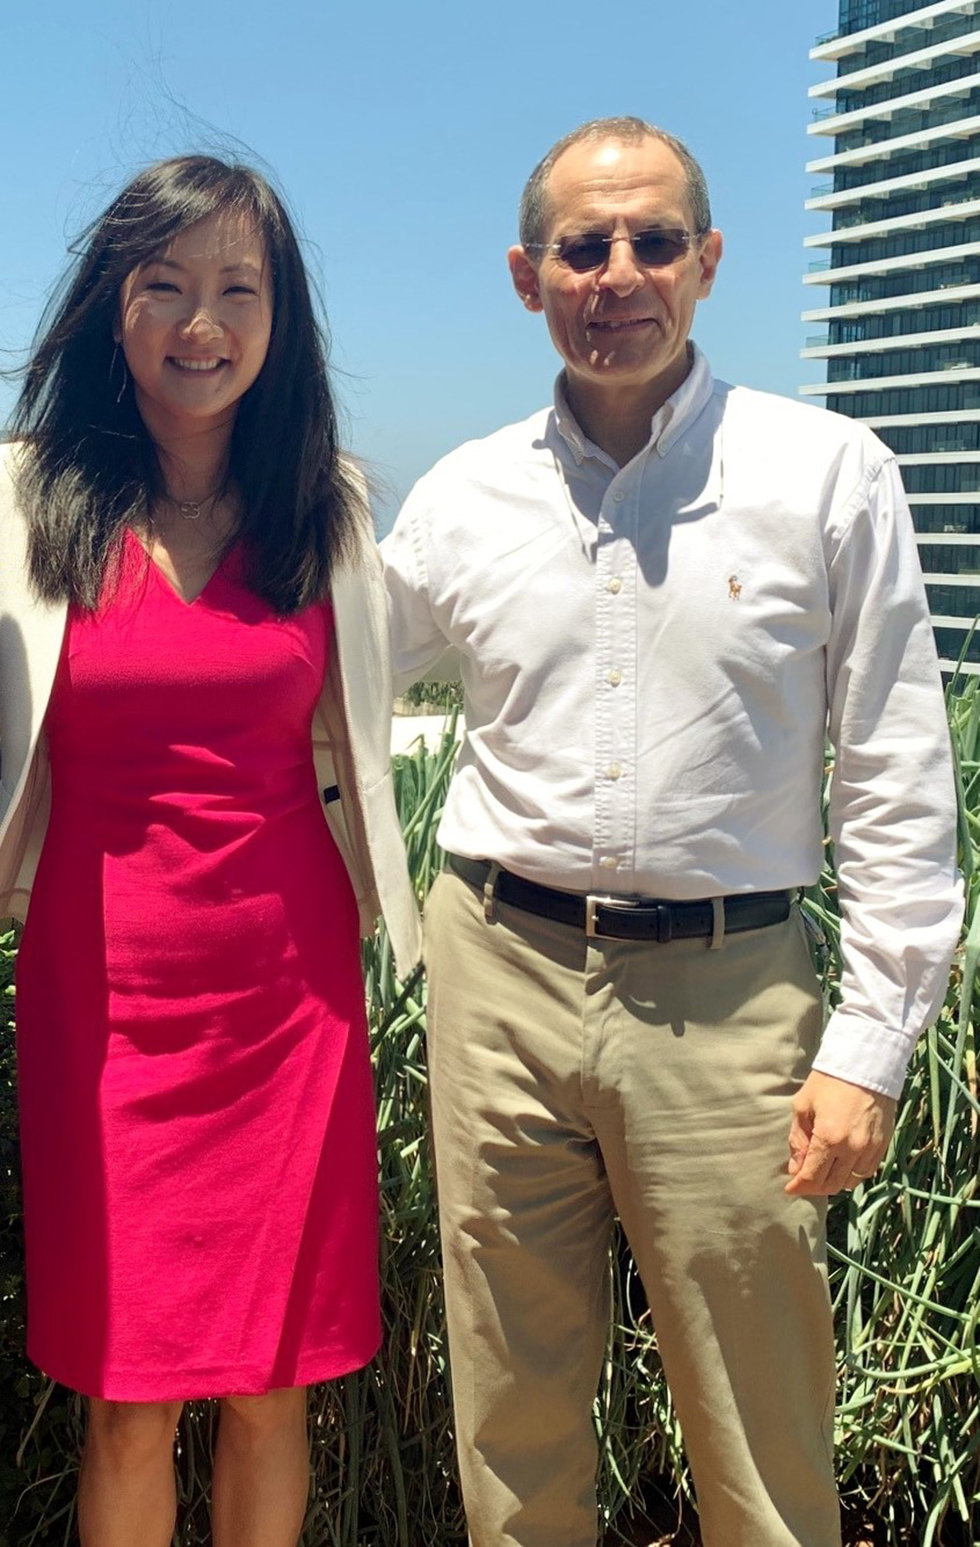 רכילות עסקית יוג'ין קנדל ומיימי סאן (צילום: טיפאני טומפסון)